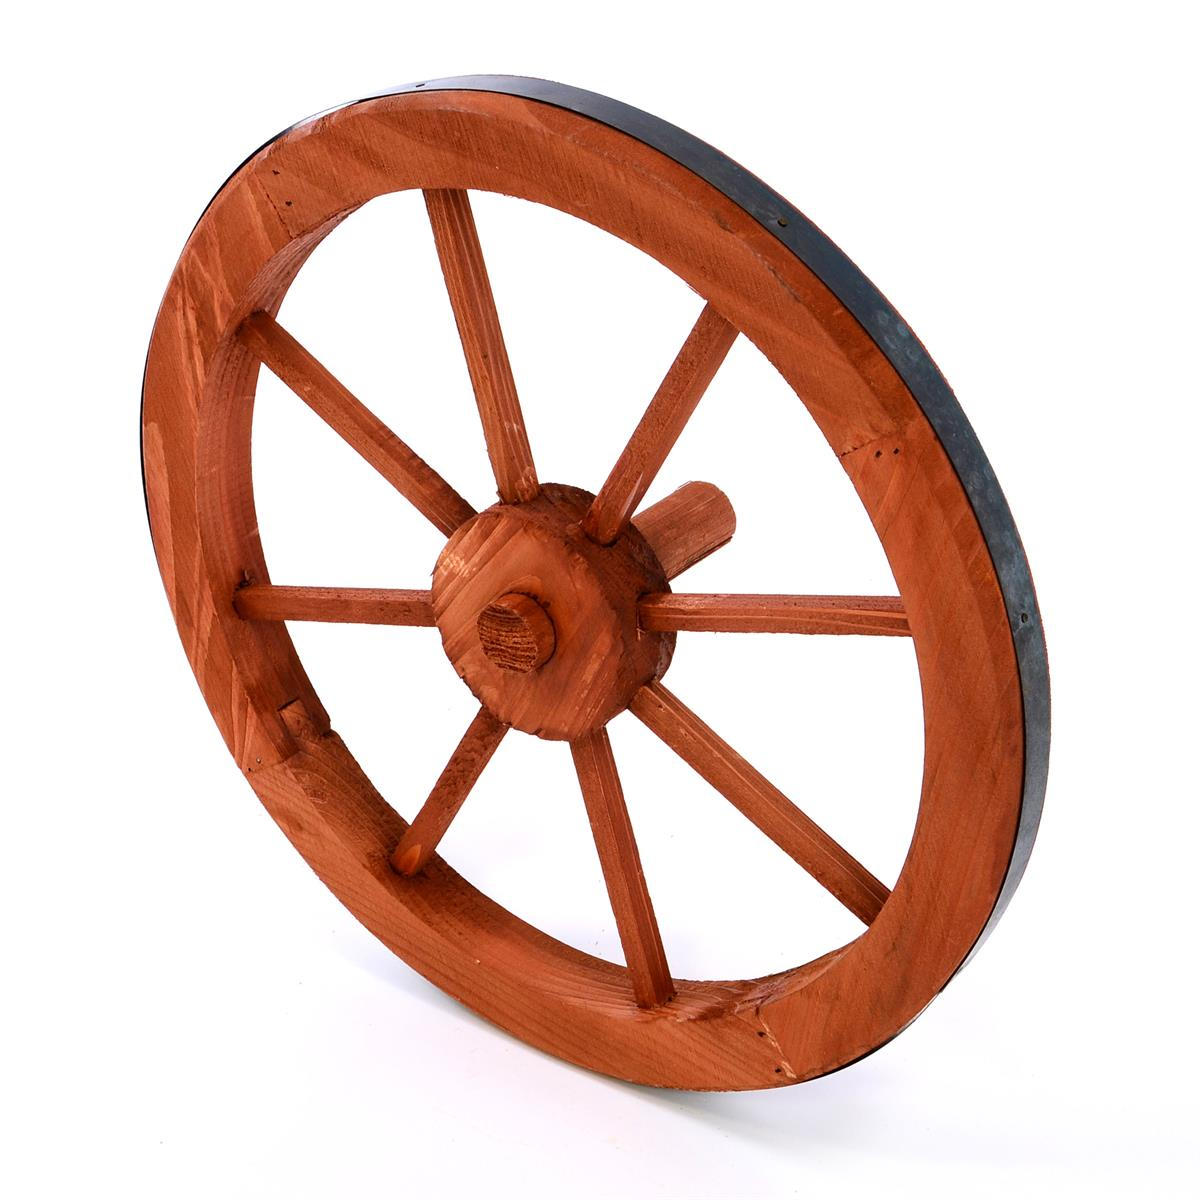 Holzrad Wagenrad 35 cm 8 Speichen Farbe rot braun Dekorad Wanddeko Speichenrad